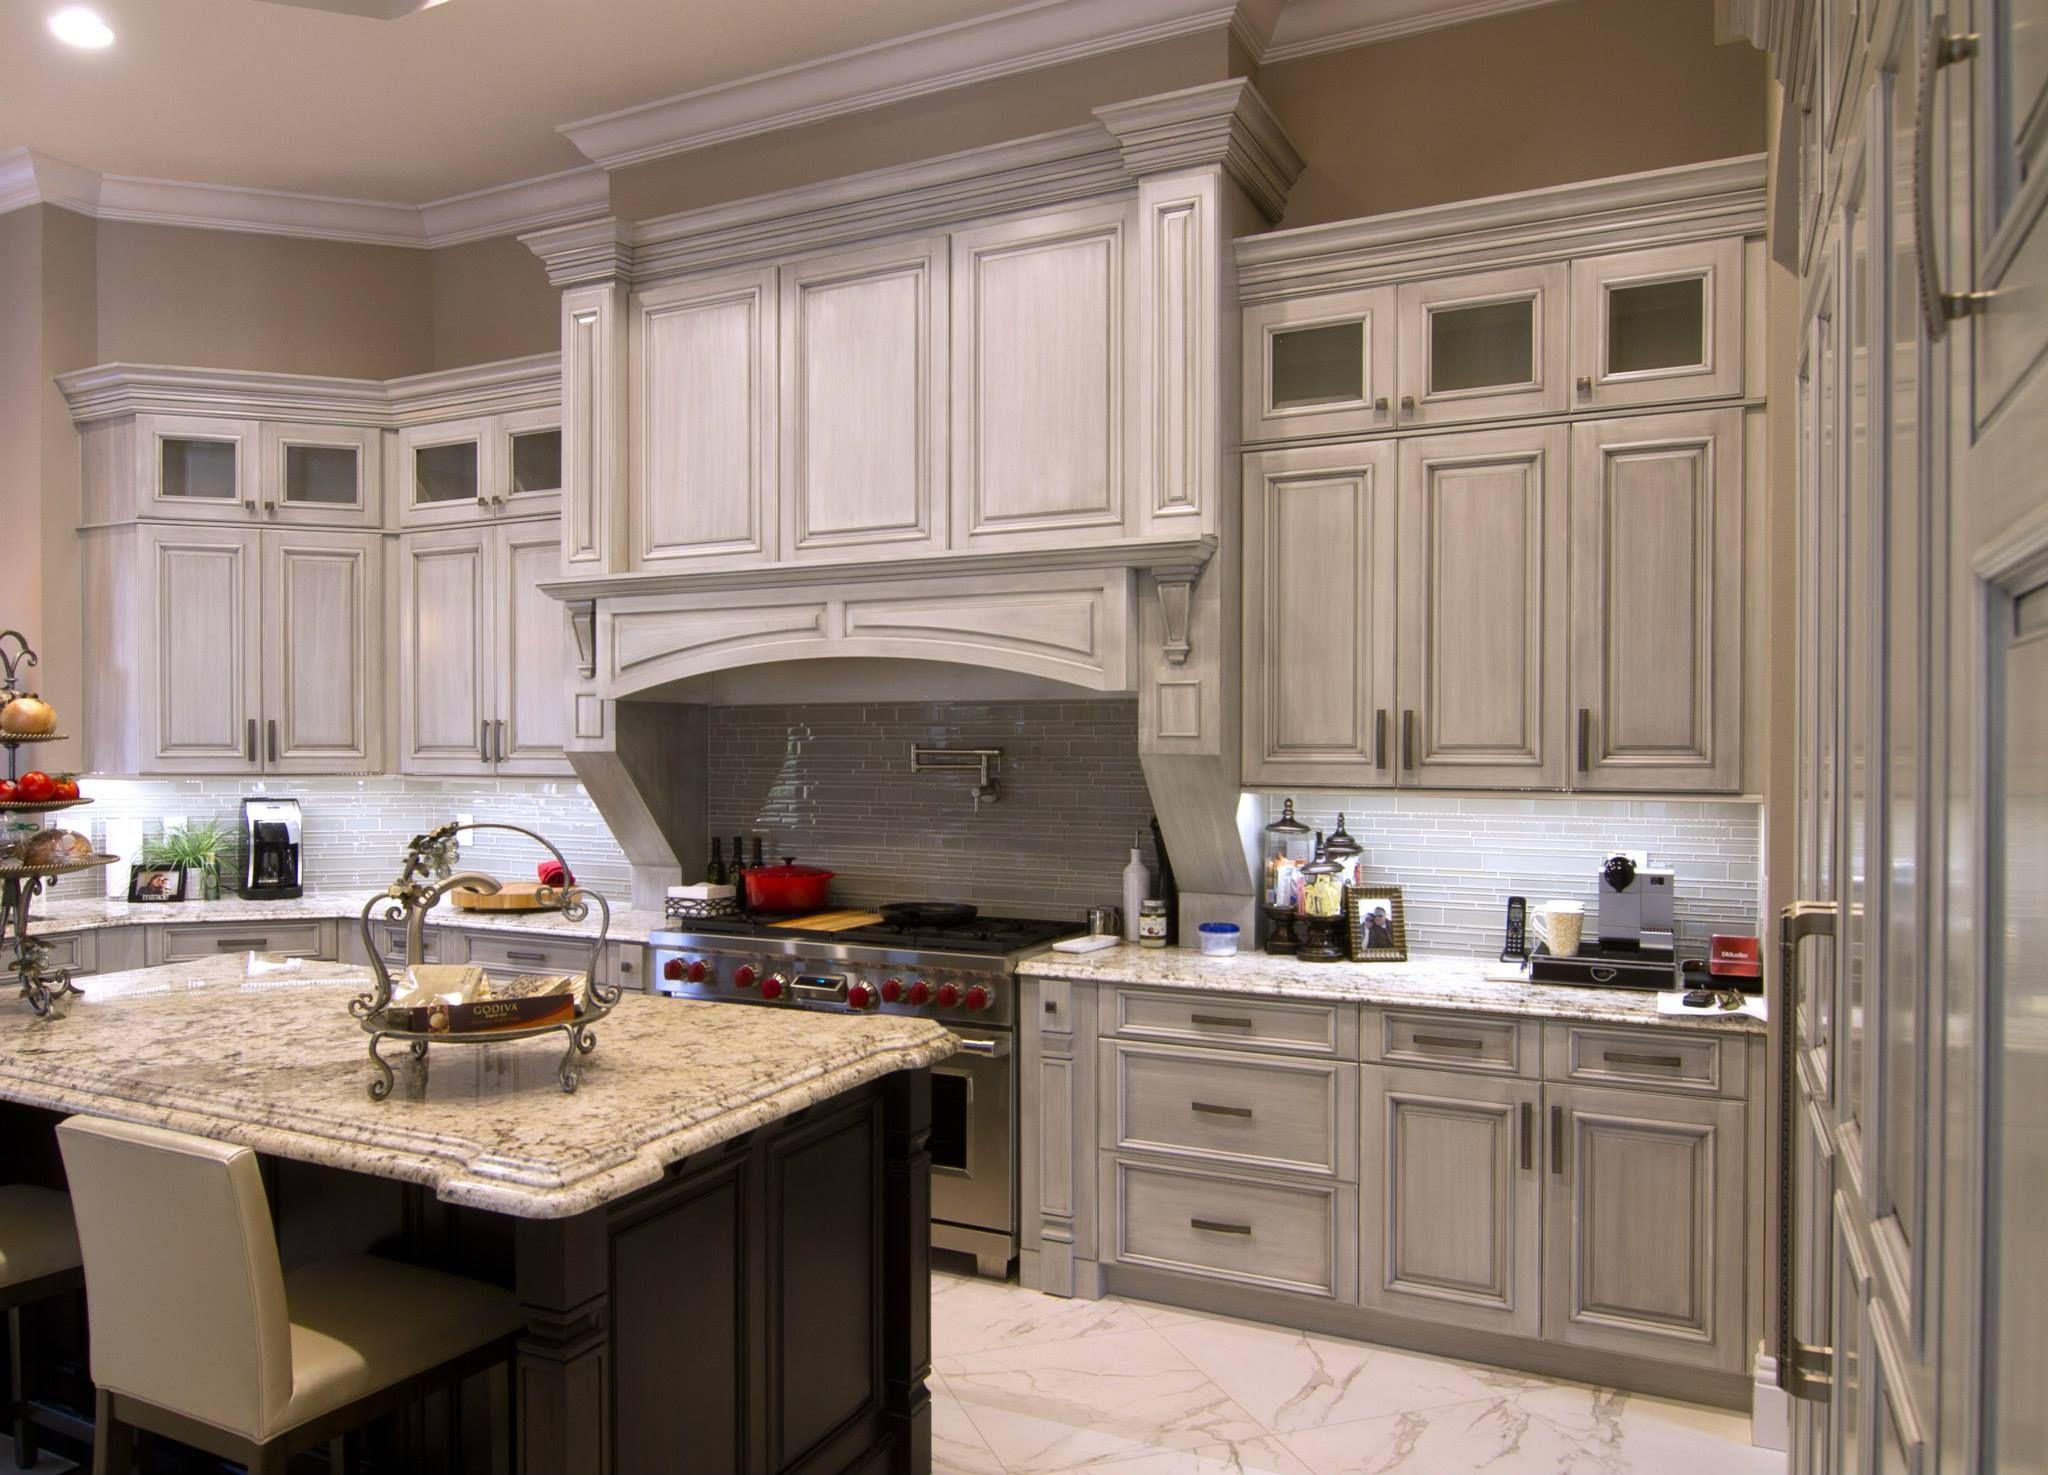 High End Kuche Schranke Mccabinet Mit Weissem Besten Custom Verwendet Welche Die Qualitat Kitchen Cabinet Manufacturers Kitchen Remodel Luxury Kitchen Cabinets